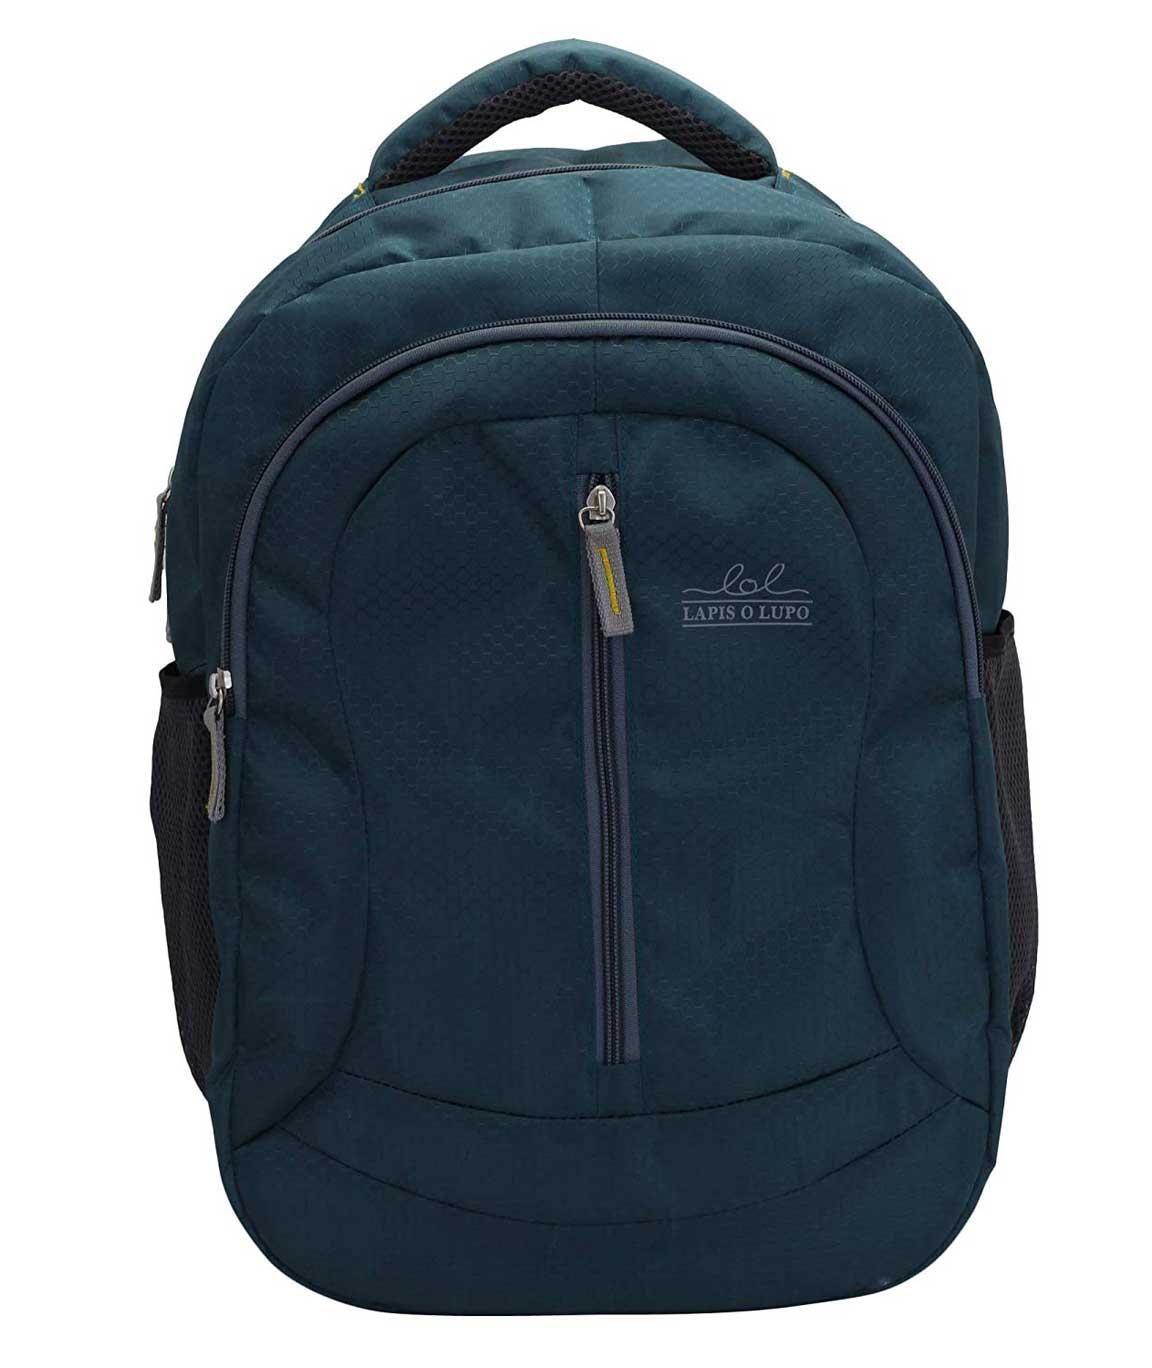 Lapis O Lupo Tawny Laptop Backpack (Grey)